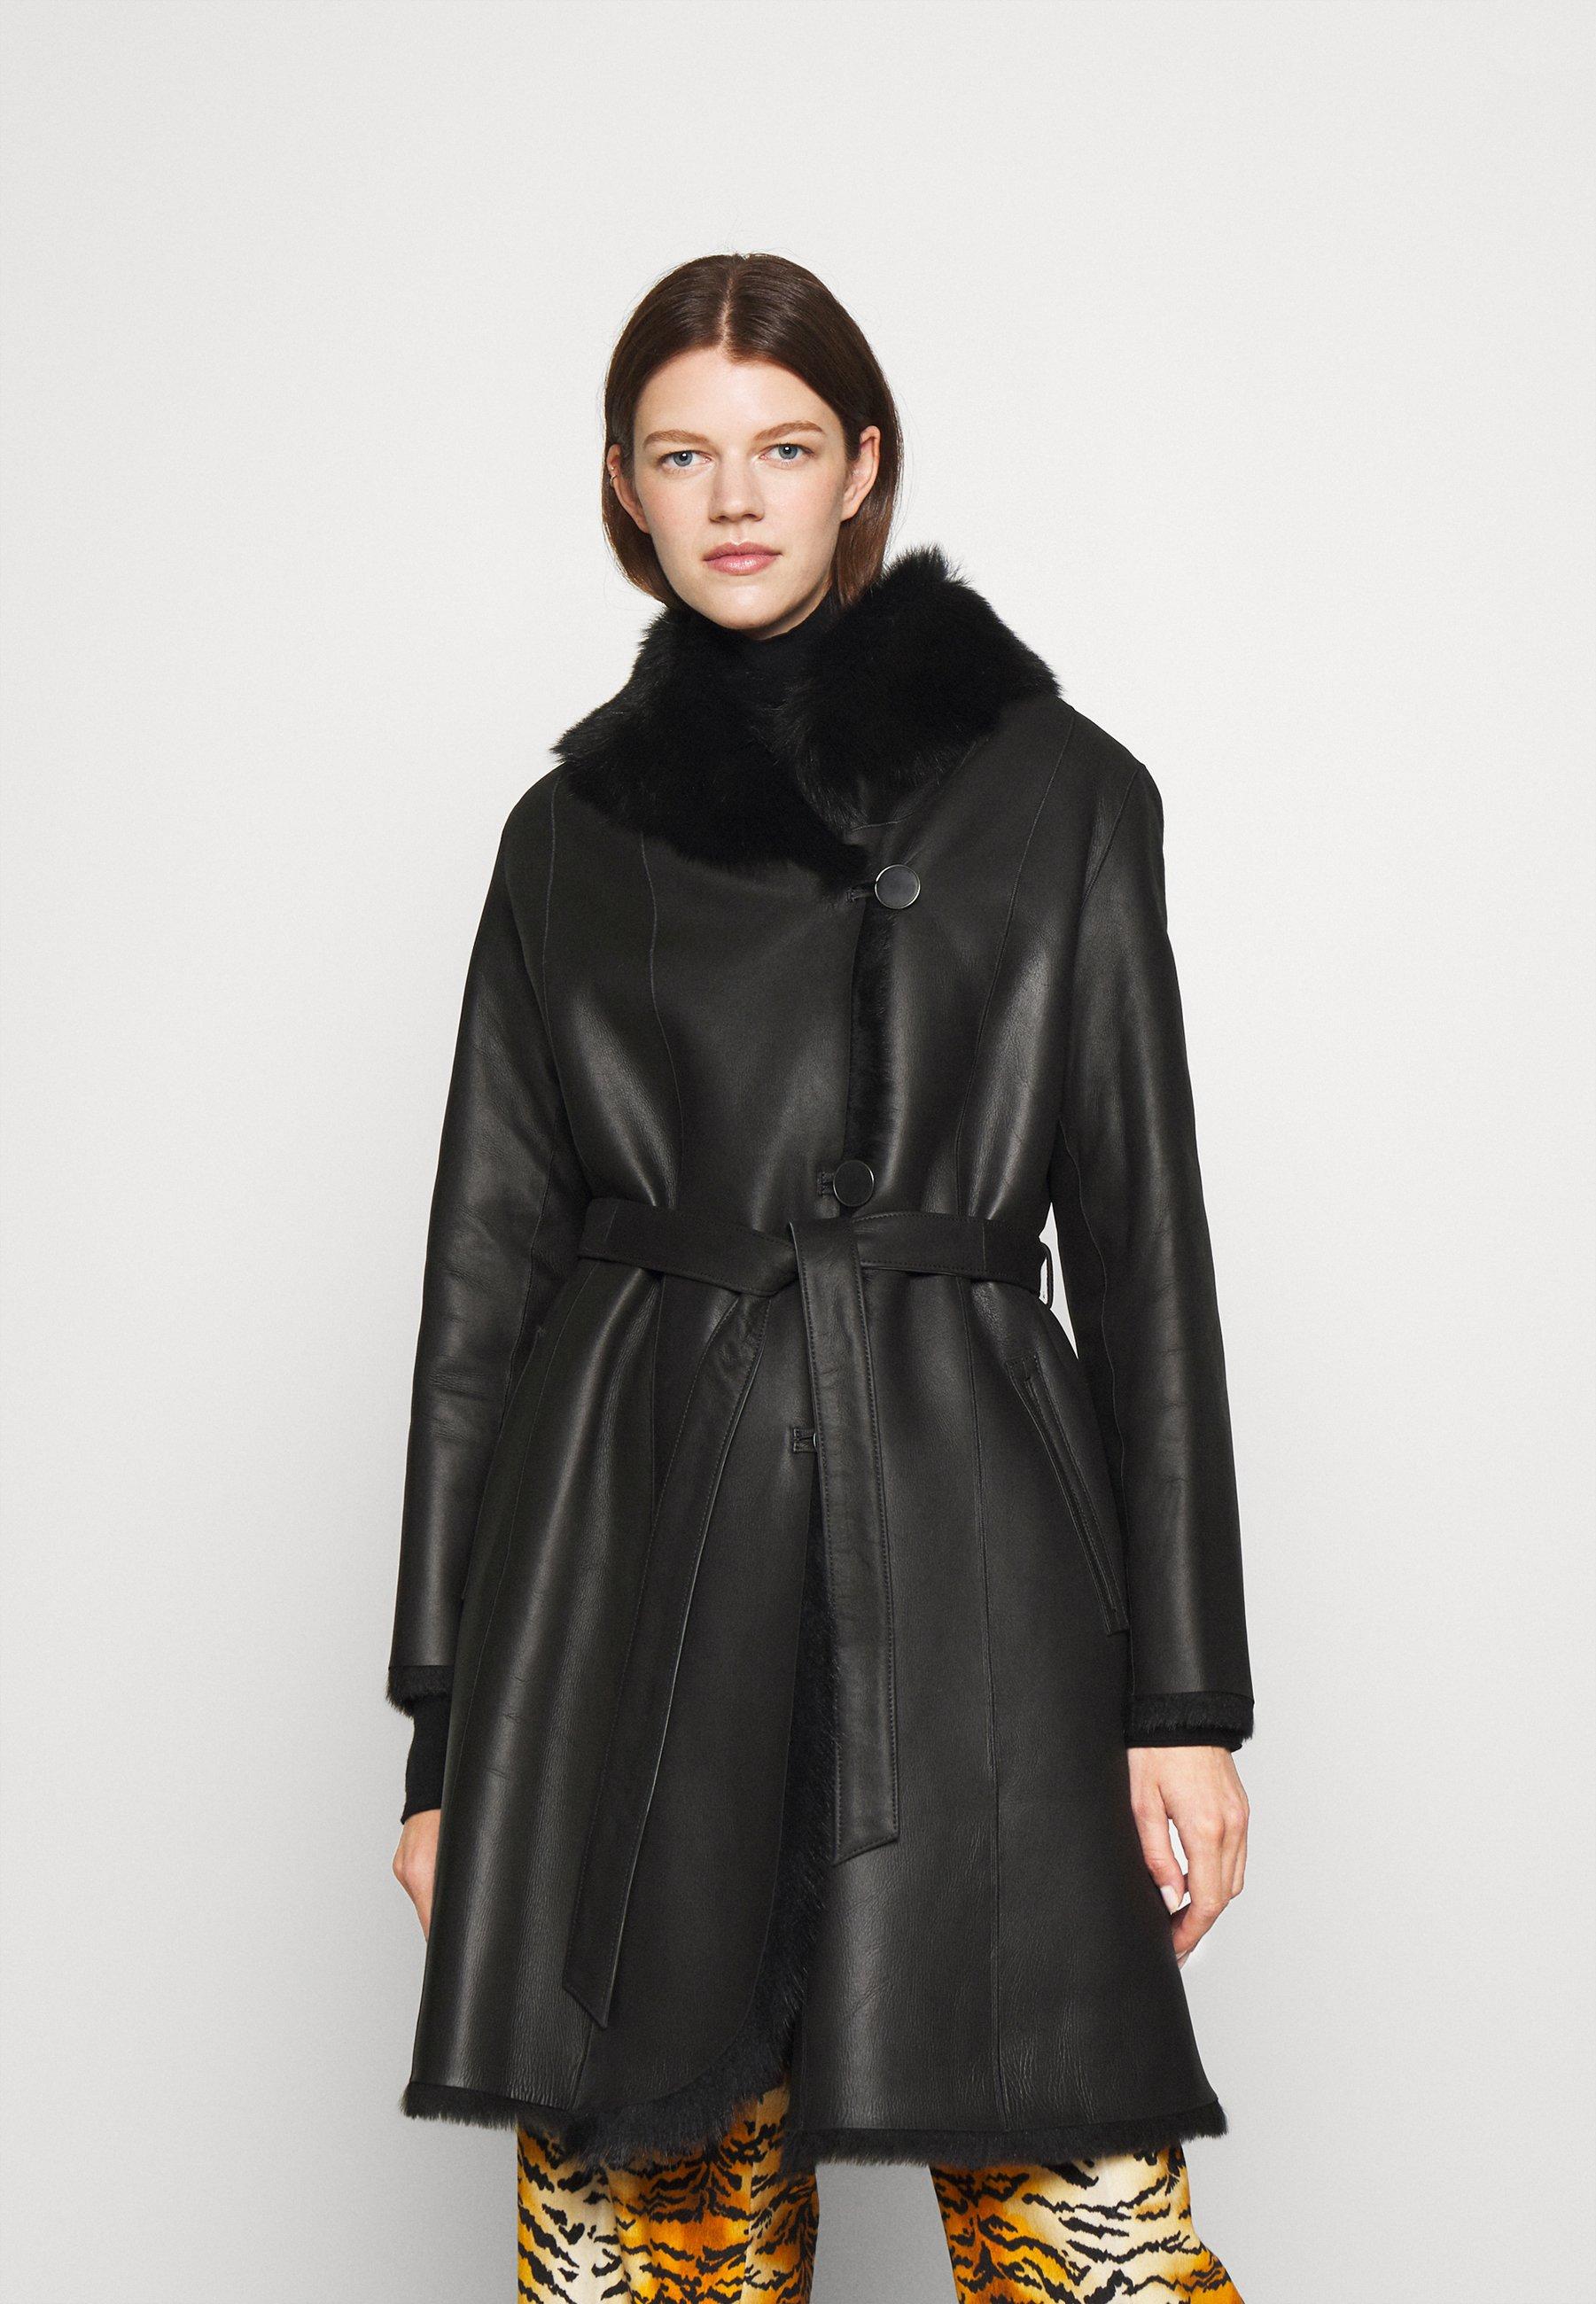 Damen GENEVA LONG BELTED COAT  - Lederjacke